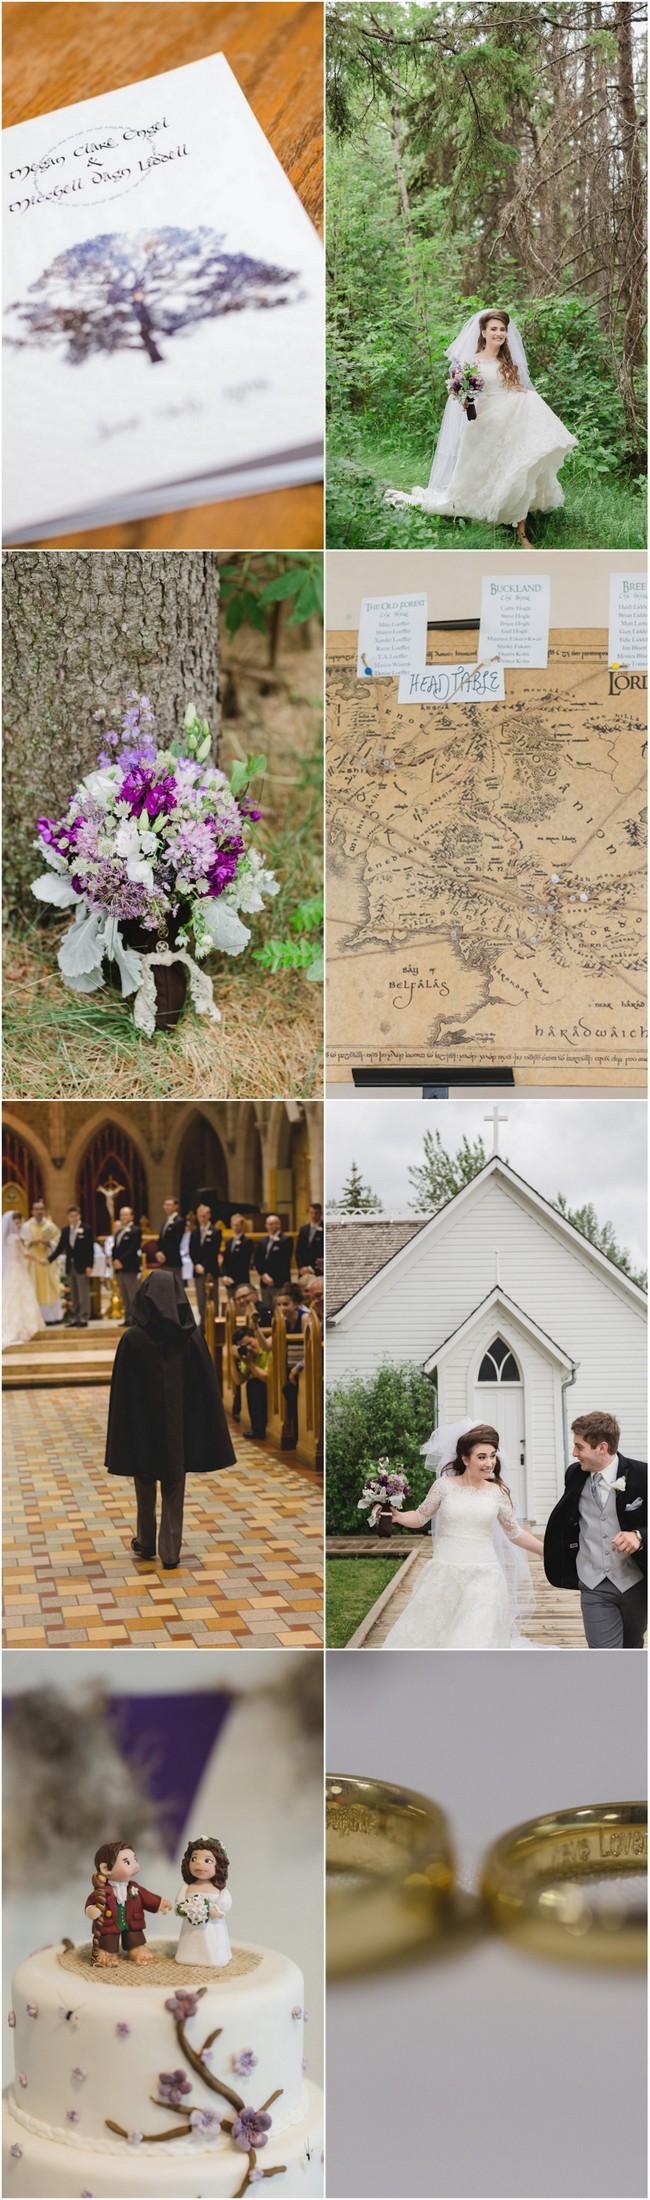 Creative JRR Tolkien Wedding 1